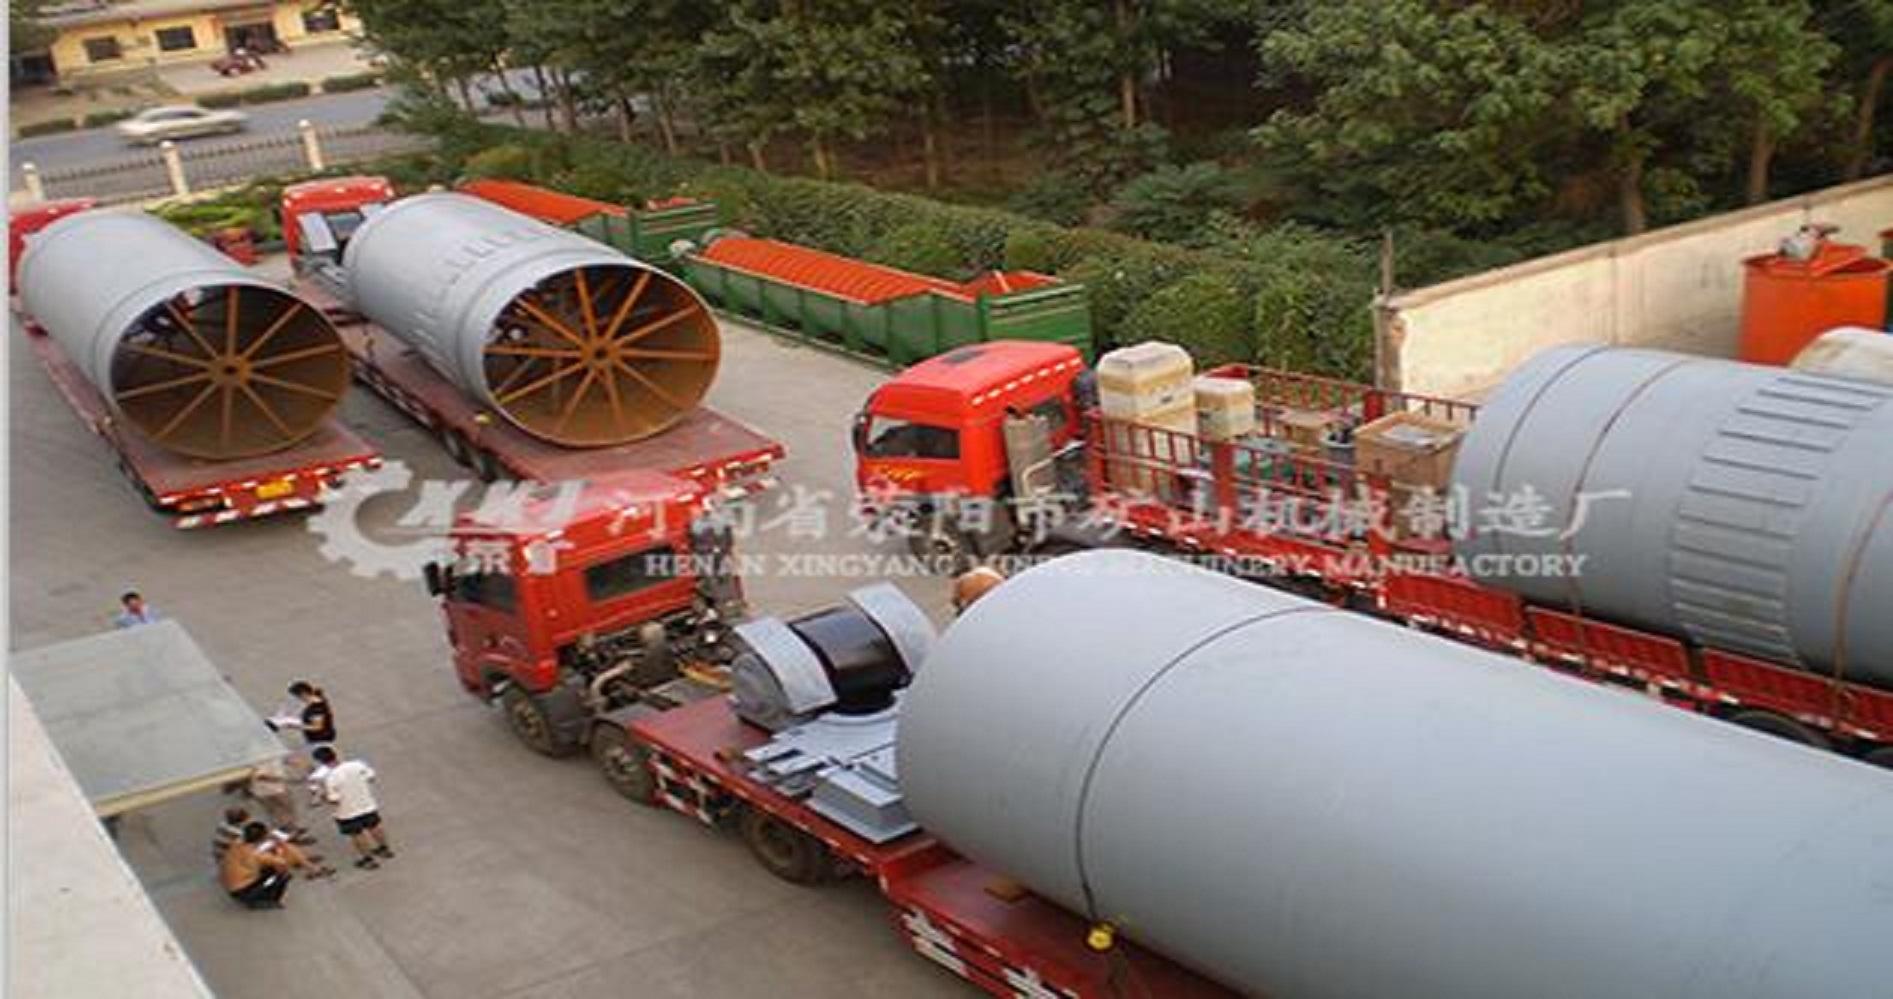 每天處理450噸土壤修復回轉窯怎樣處理污染土壤